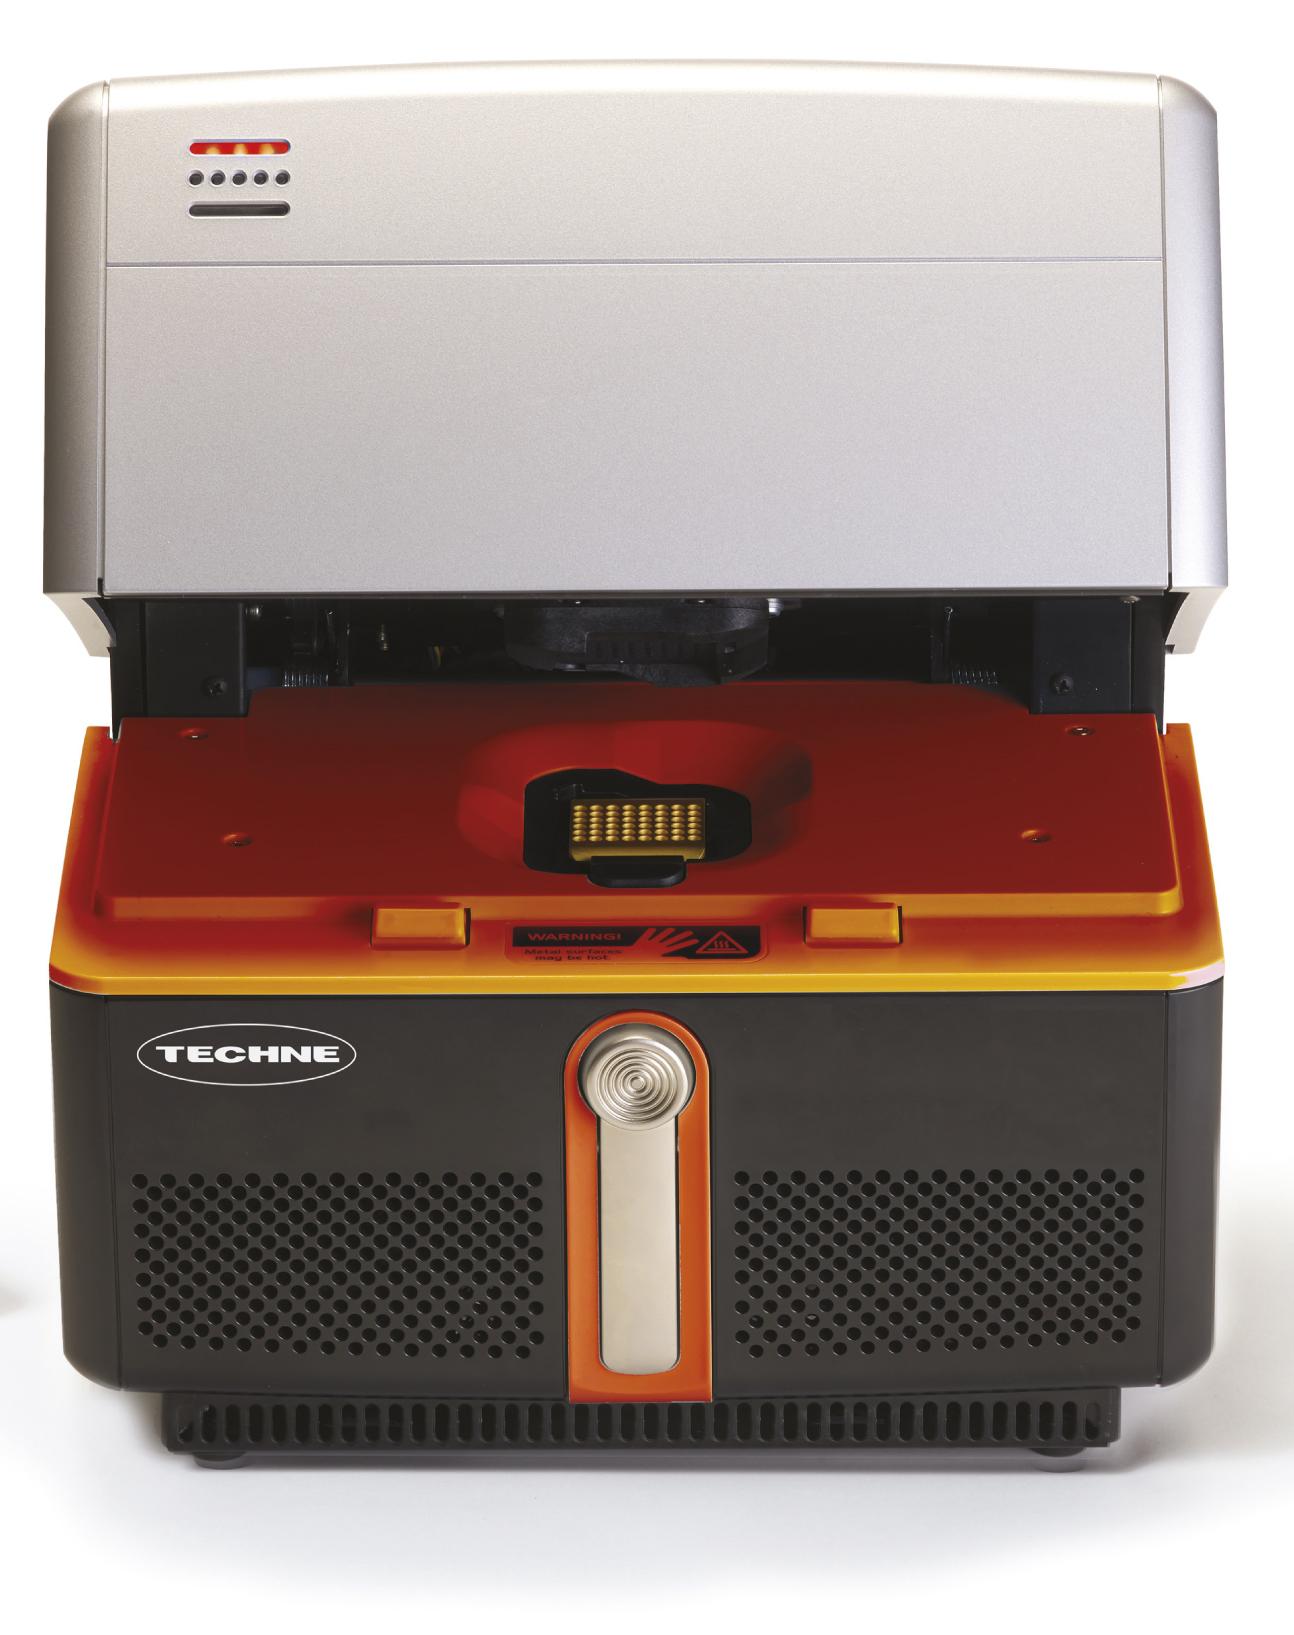 Prime Pro 48 qPCR plate seals, Techne